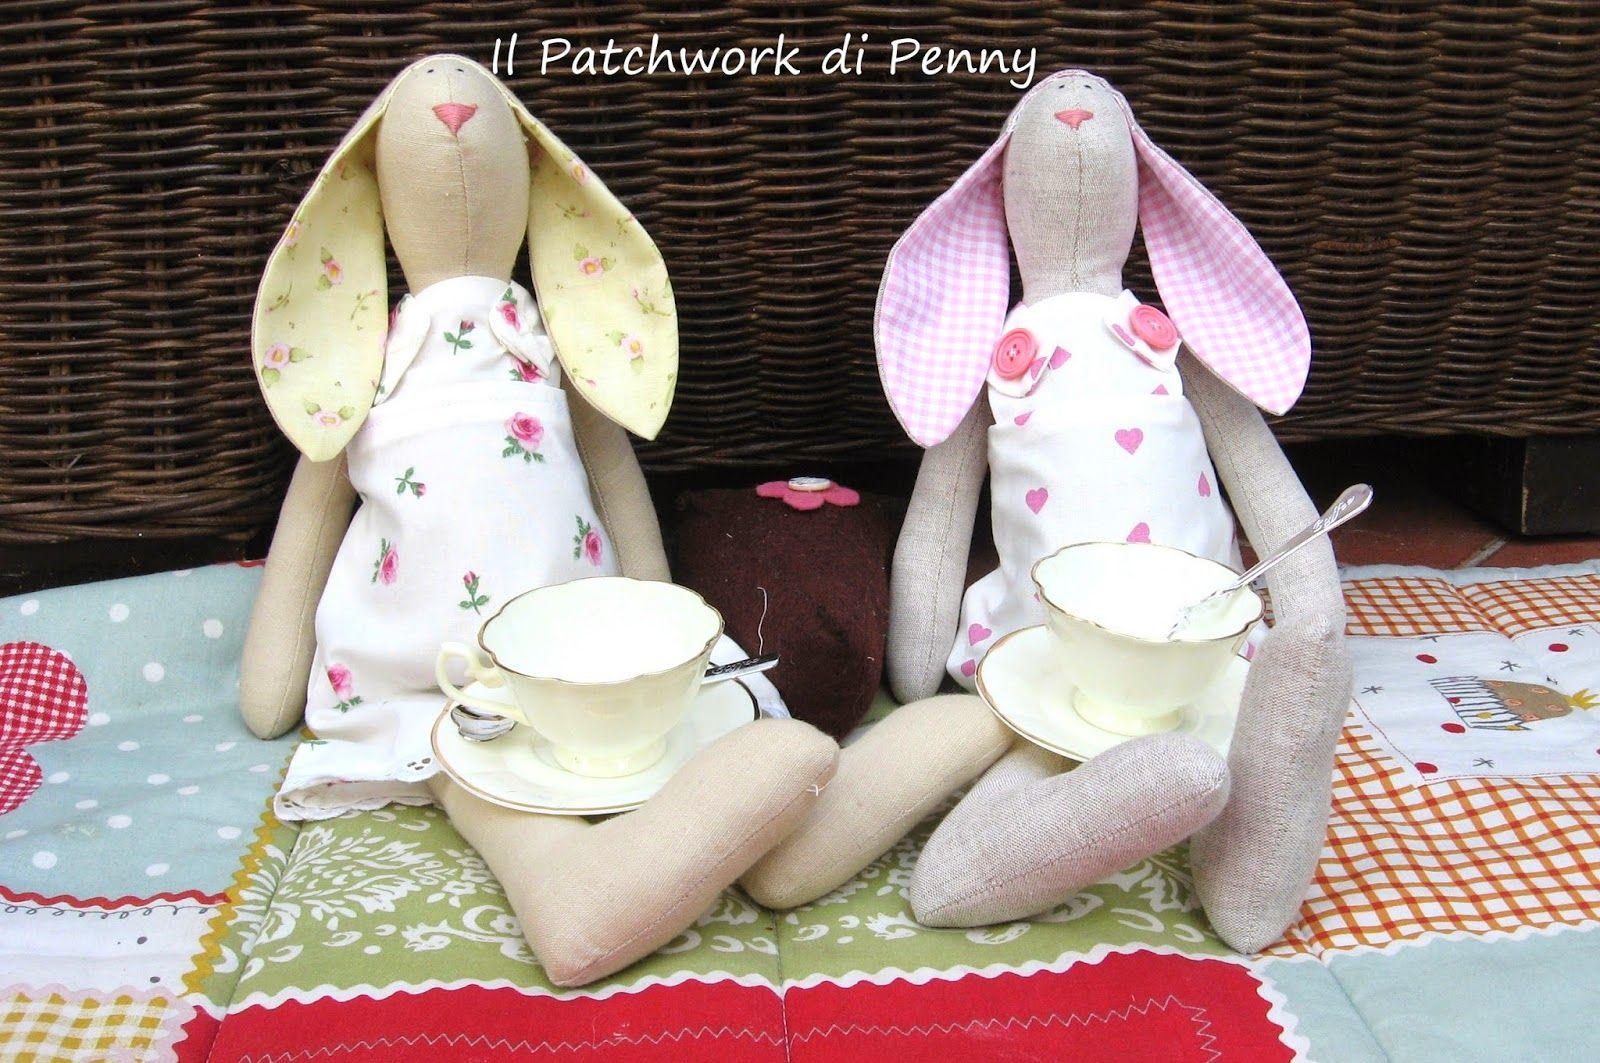 Il patchwork di Penny: Buona Pasqua!